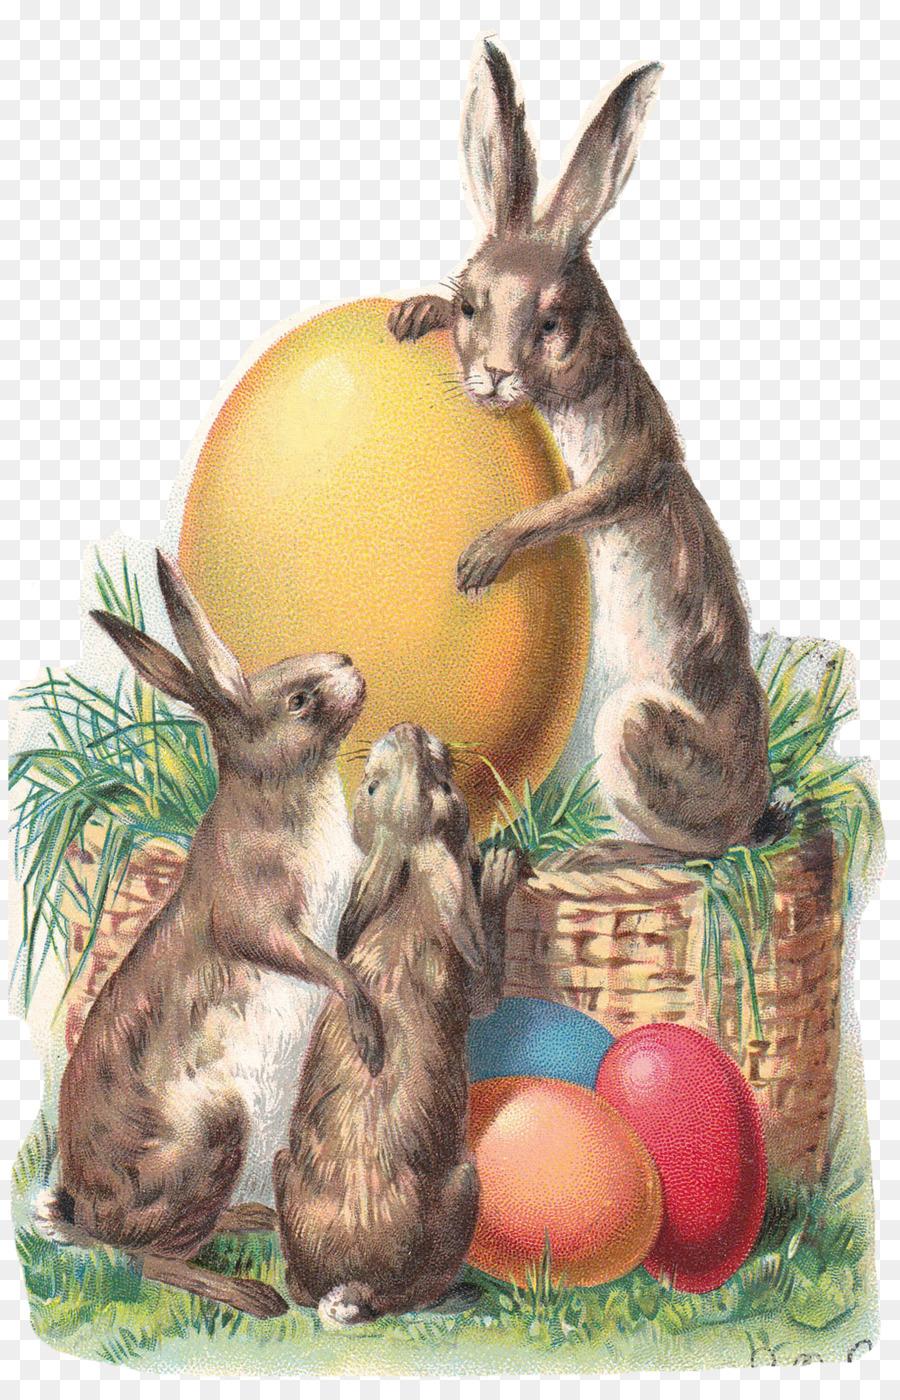 Надписью акерке, пасхальный кролик открытка винтаж